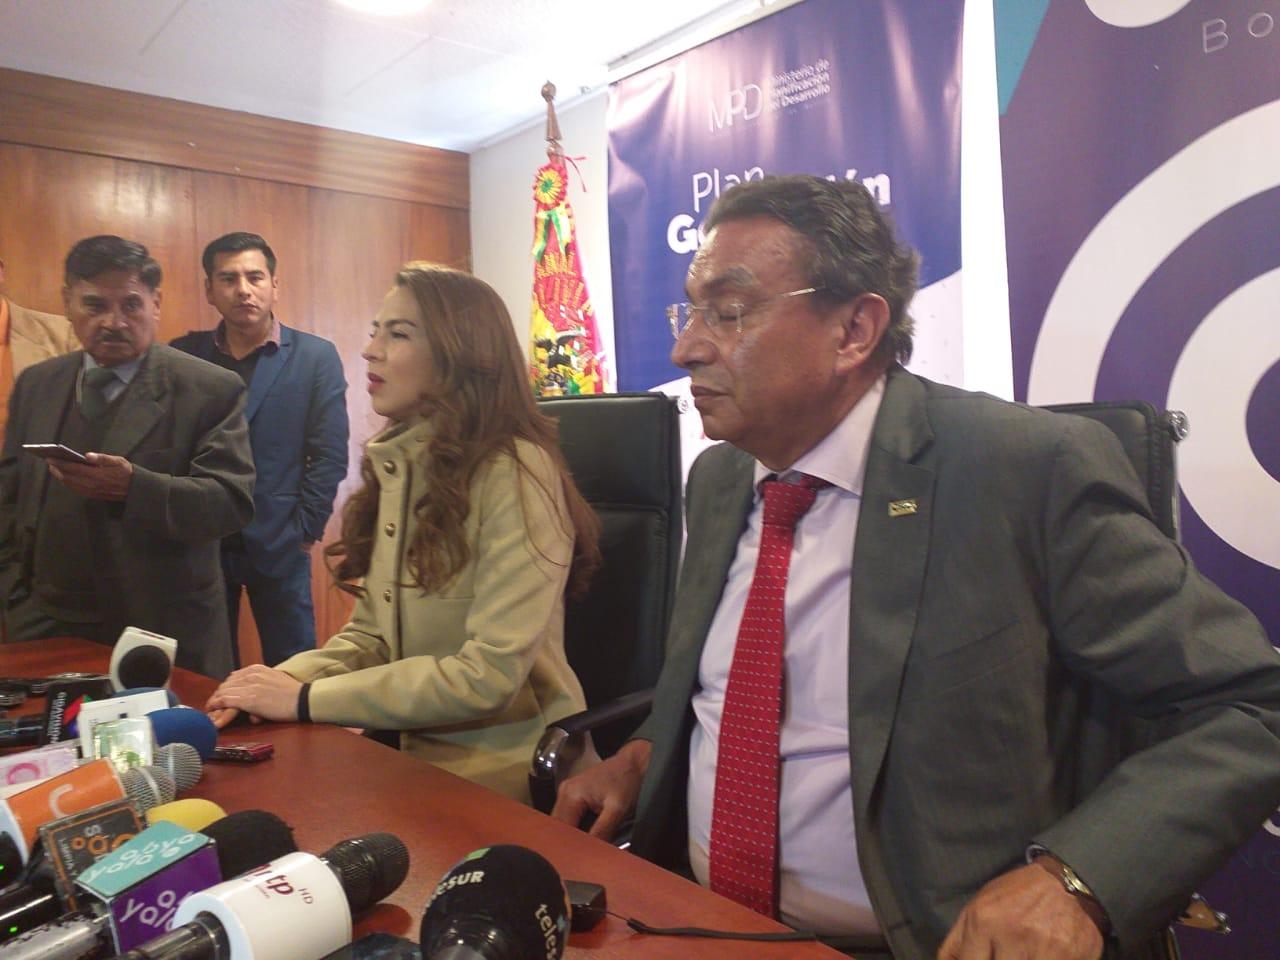 Gobierno y CNC firman acuerdo para promover el plan de generación de empleo